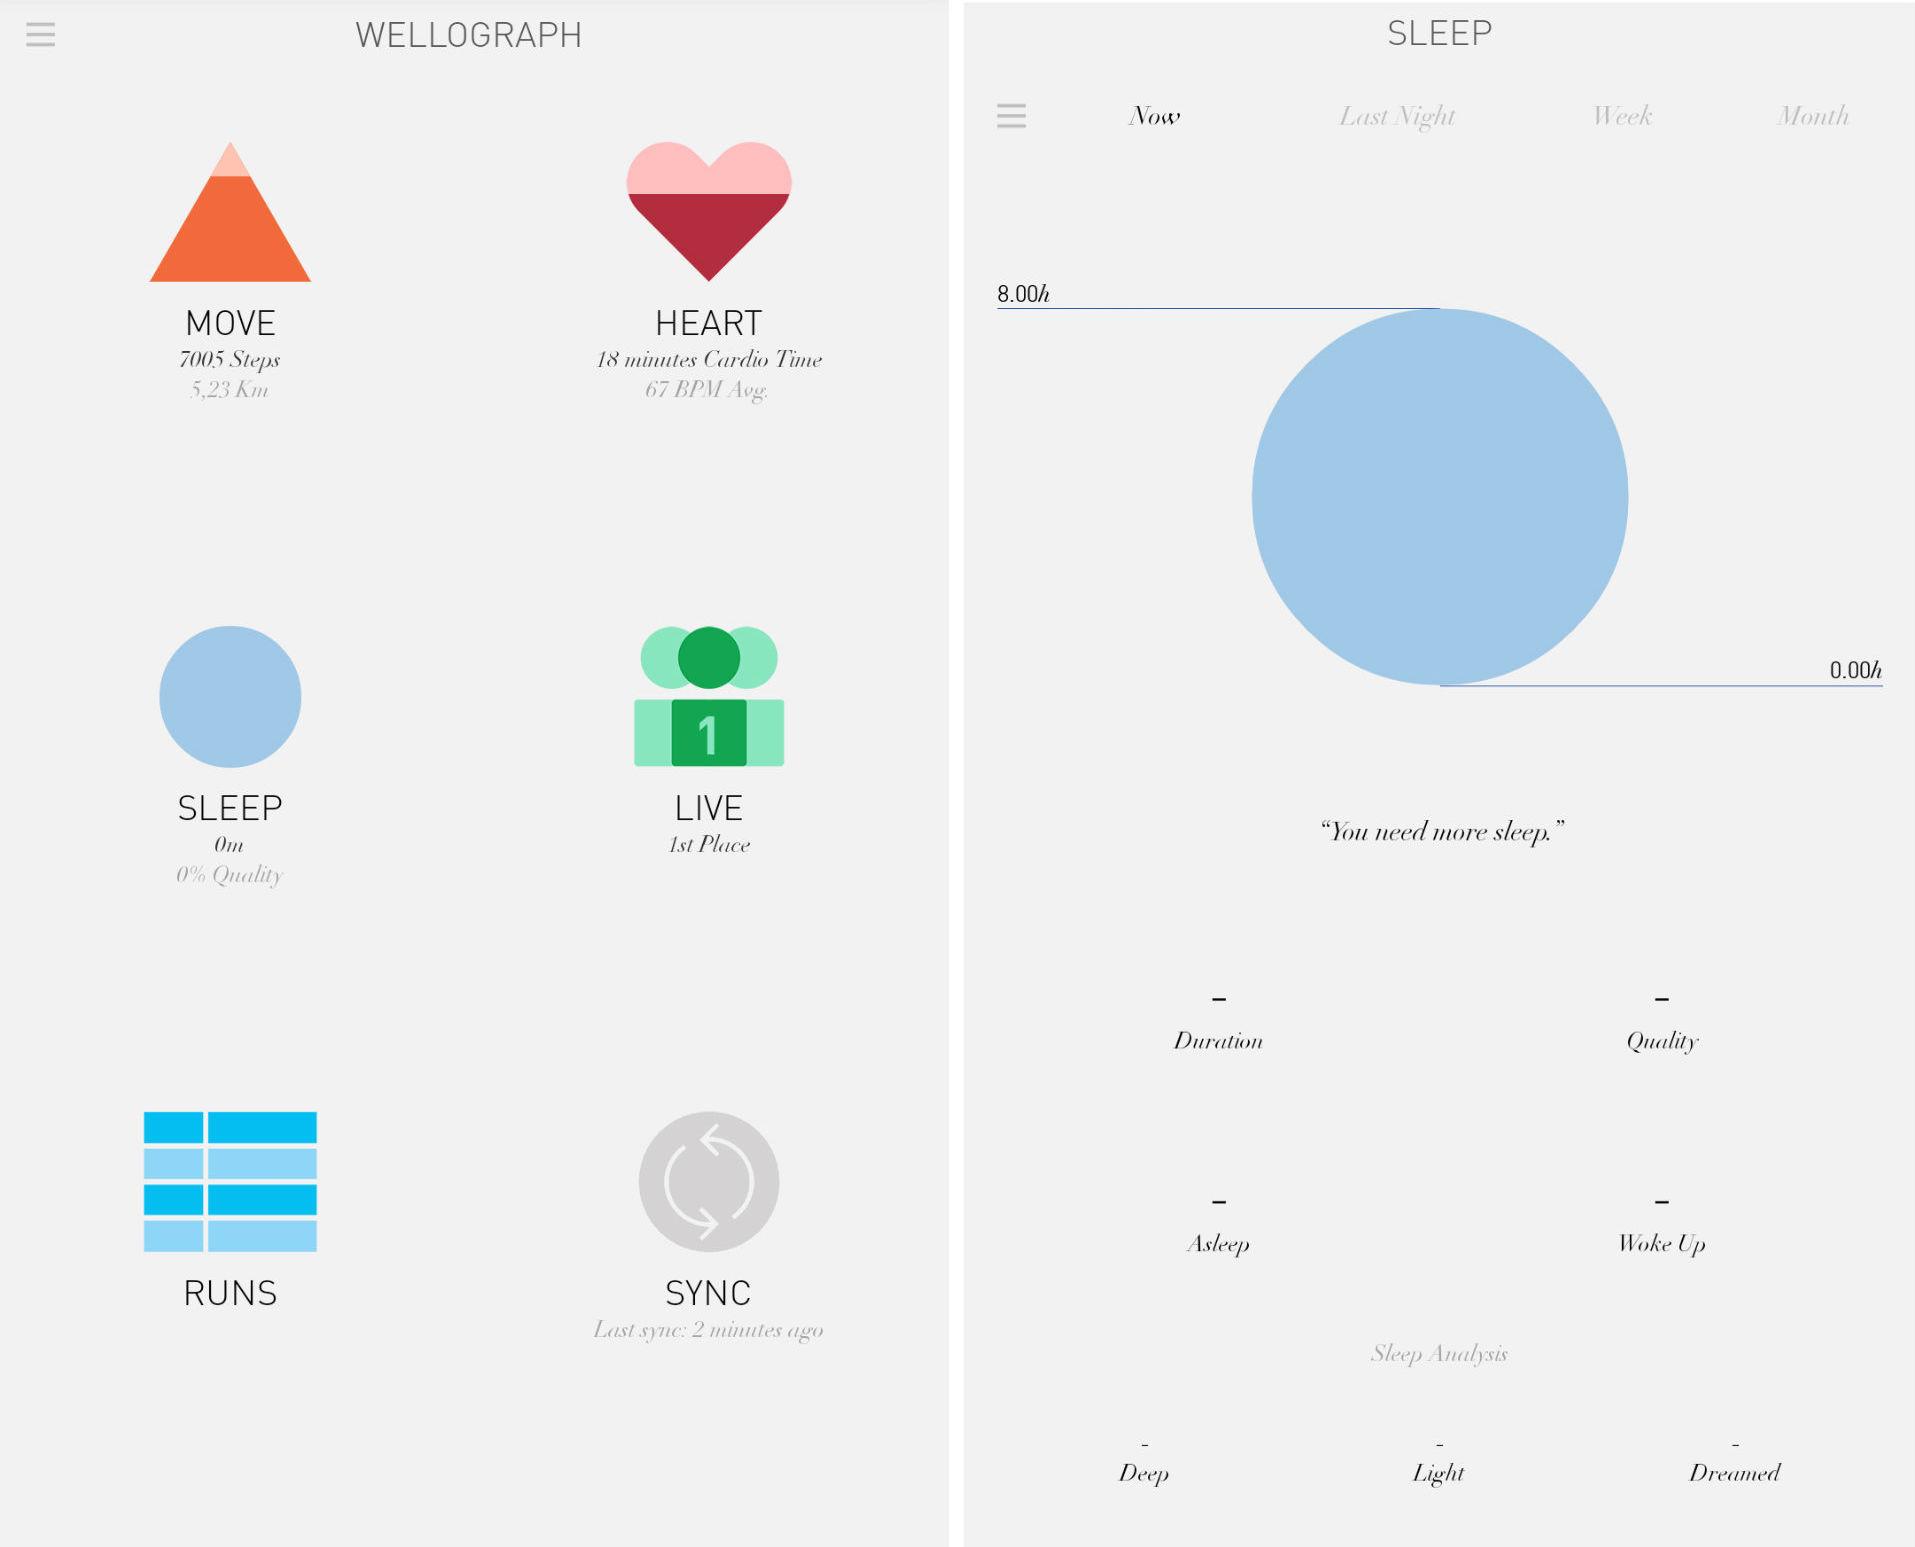 Череда обновлений. Что нового у Lumo lift, Wellograph, Xiaomi и Google fit: прошивки, обновления, версии - 6